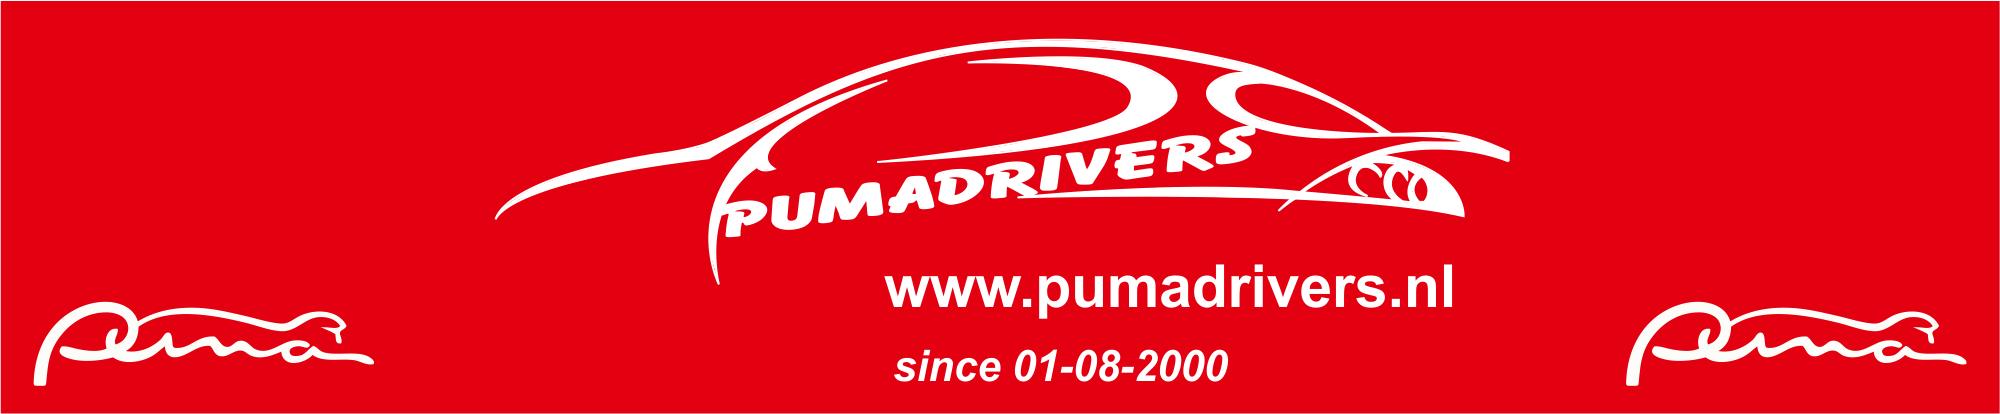 Pumadrivers | De club voor de liefhebber van de Ford Puma